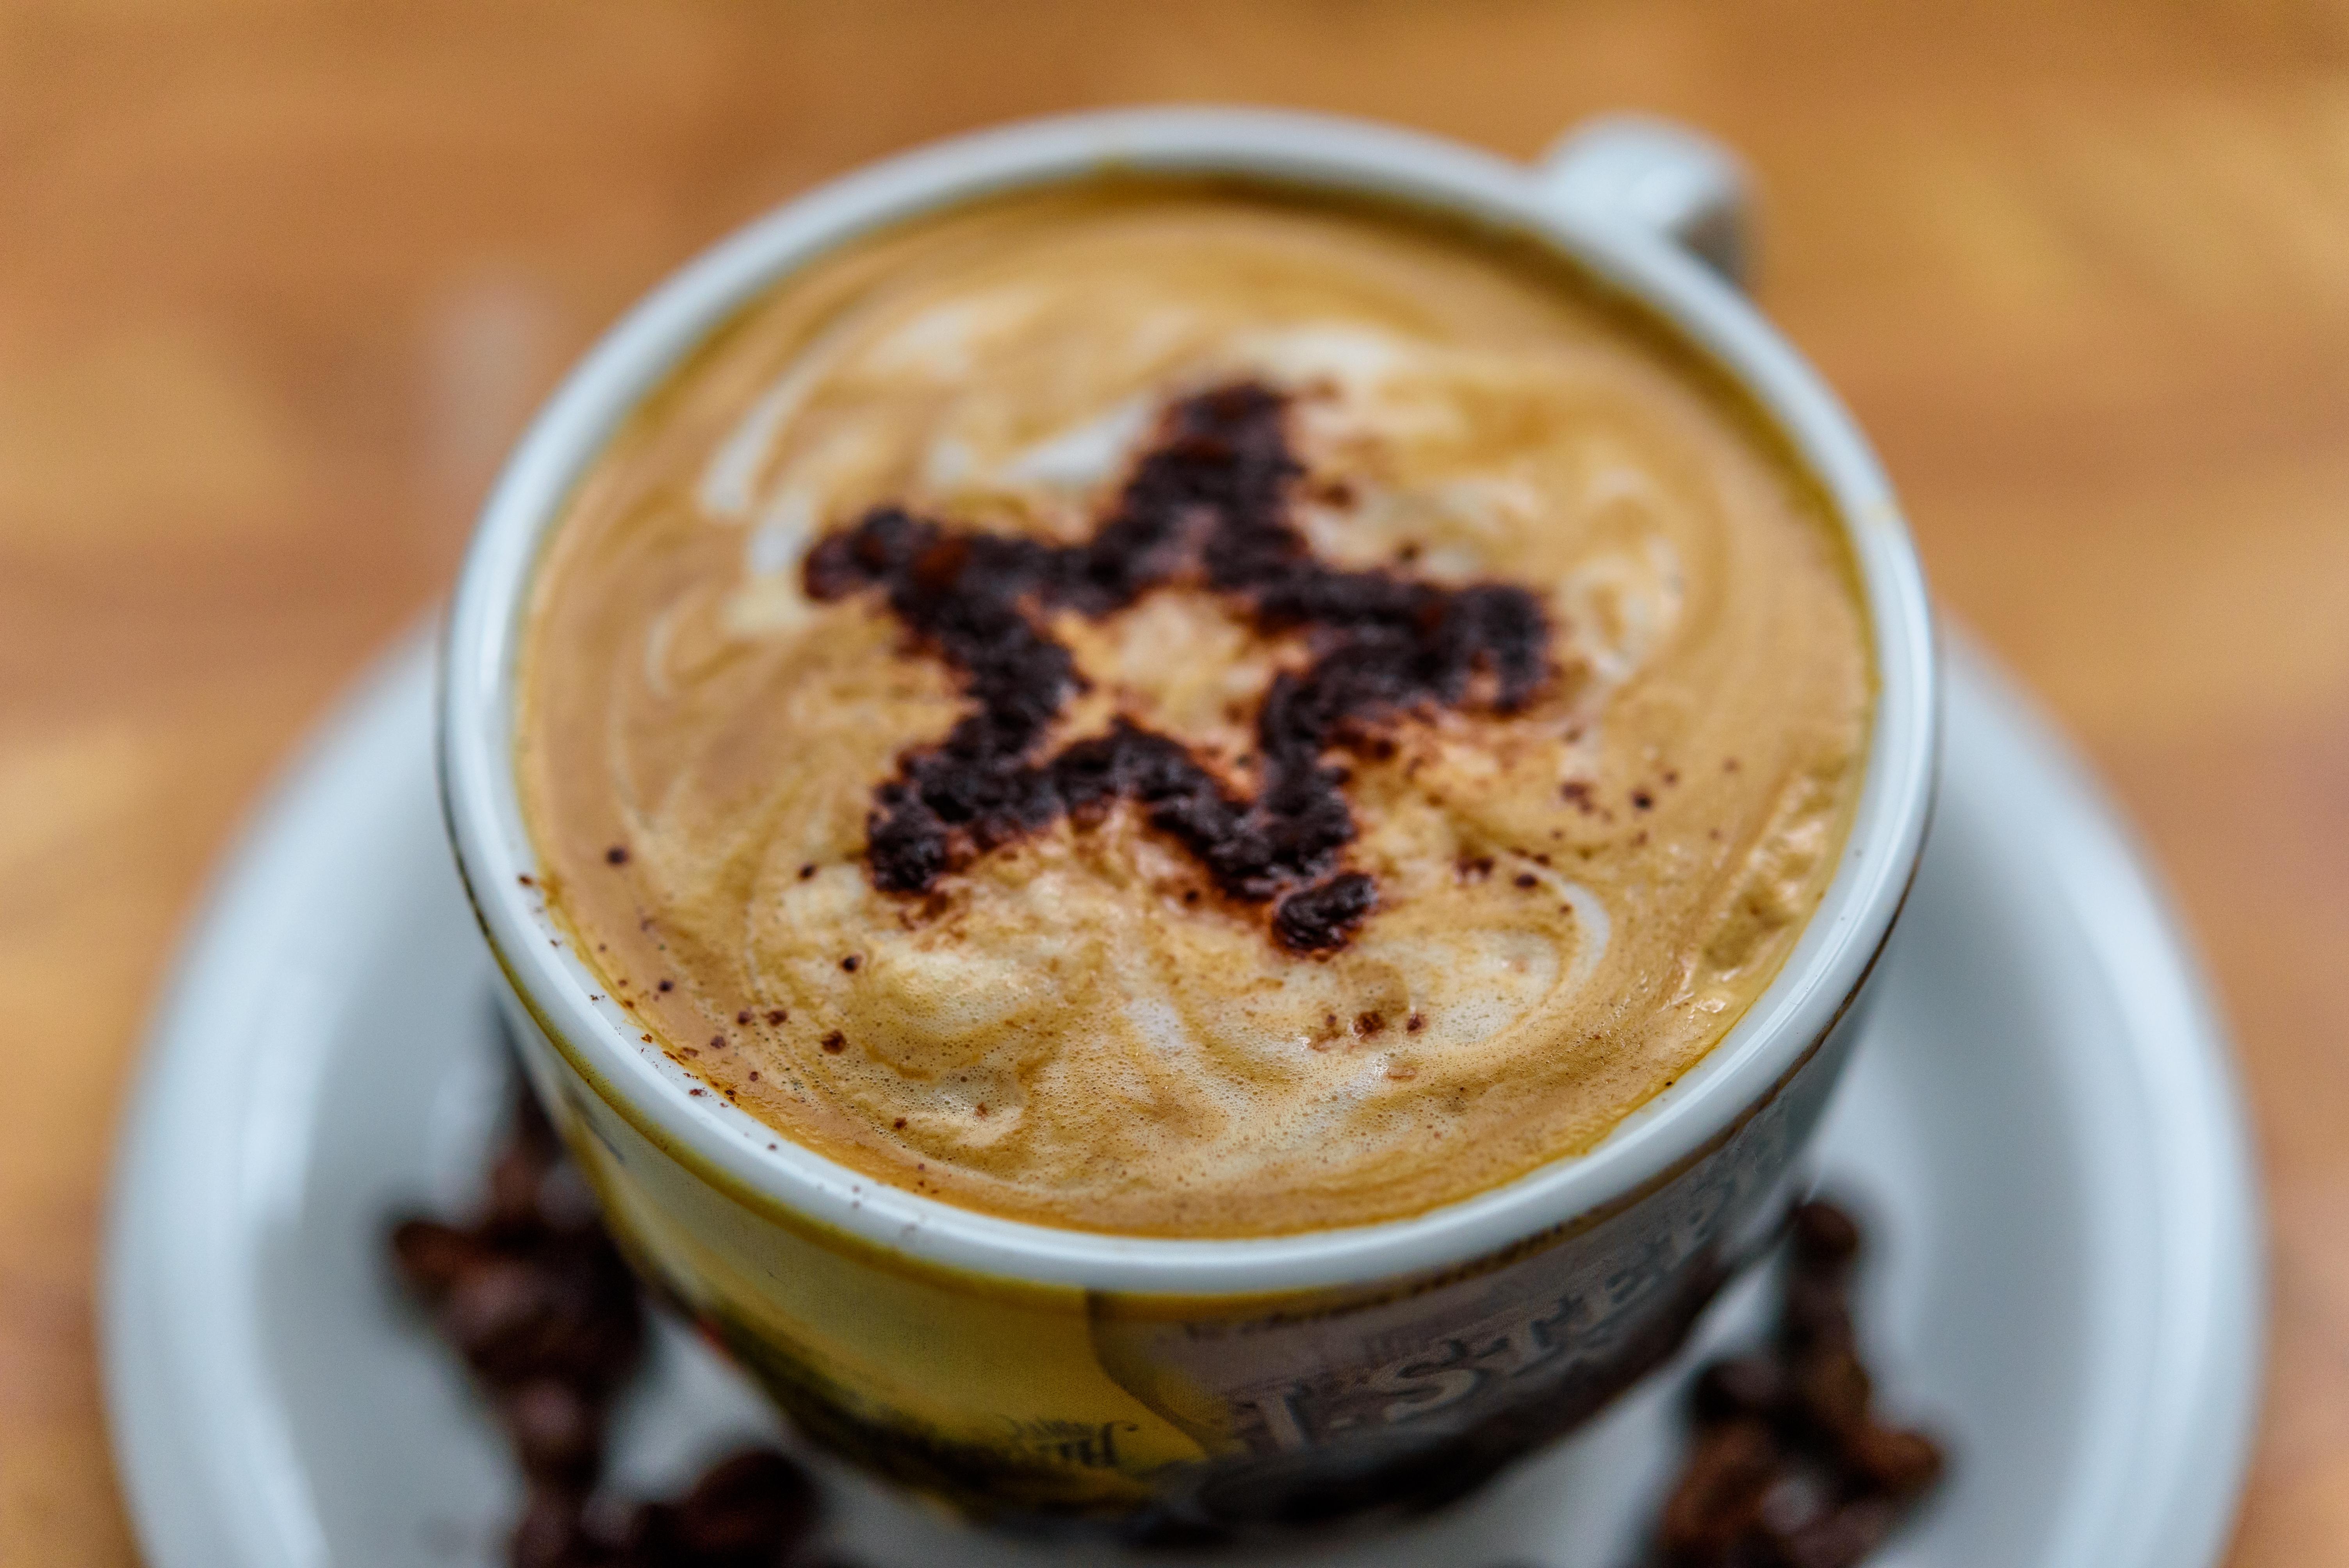 Hintergrundbilder : Kaffee, Getränk, Schaum, Tasse, Frühstück, Milch ...